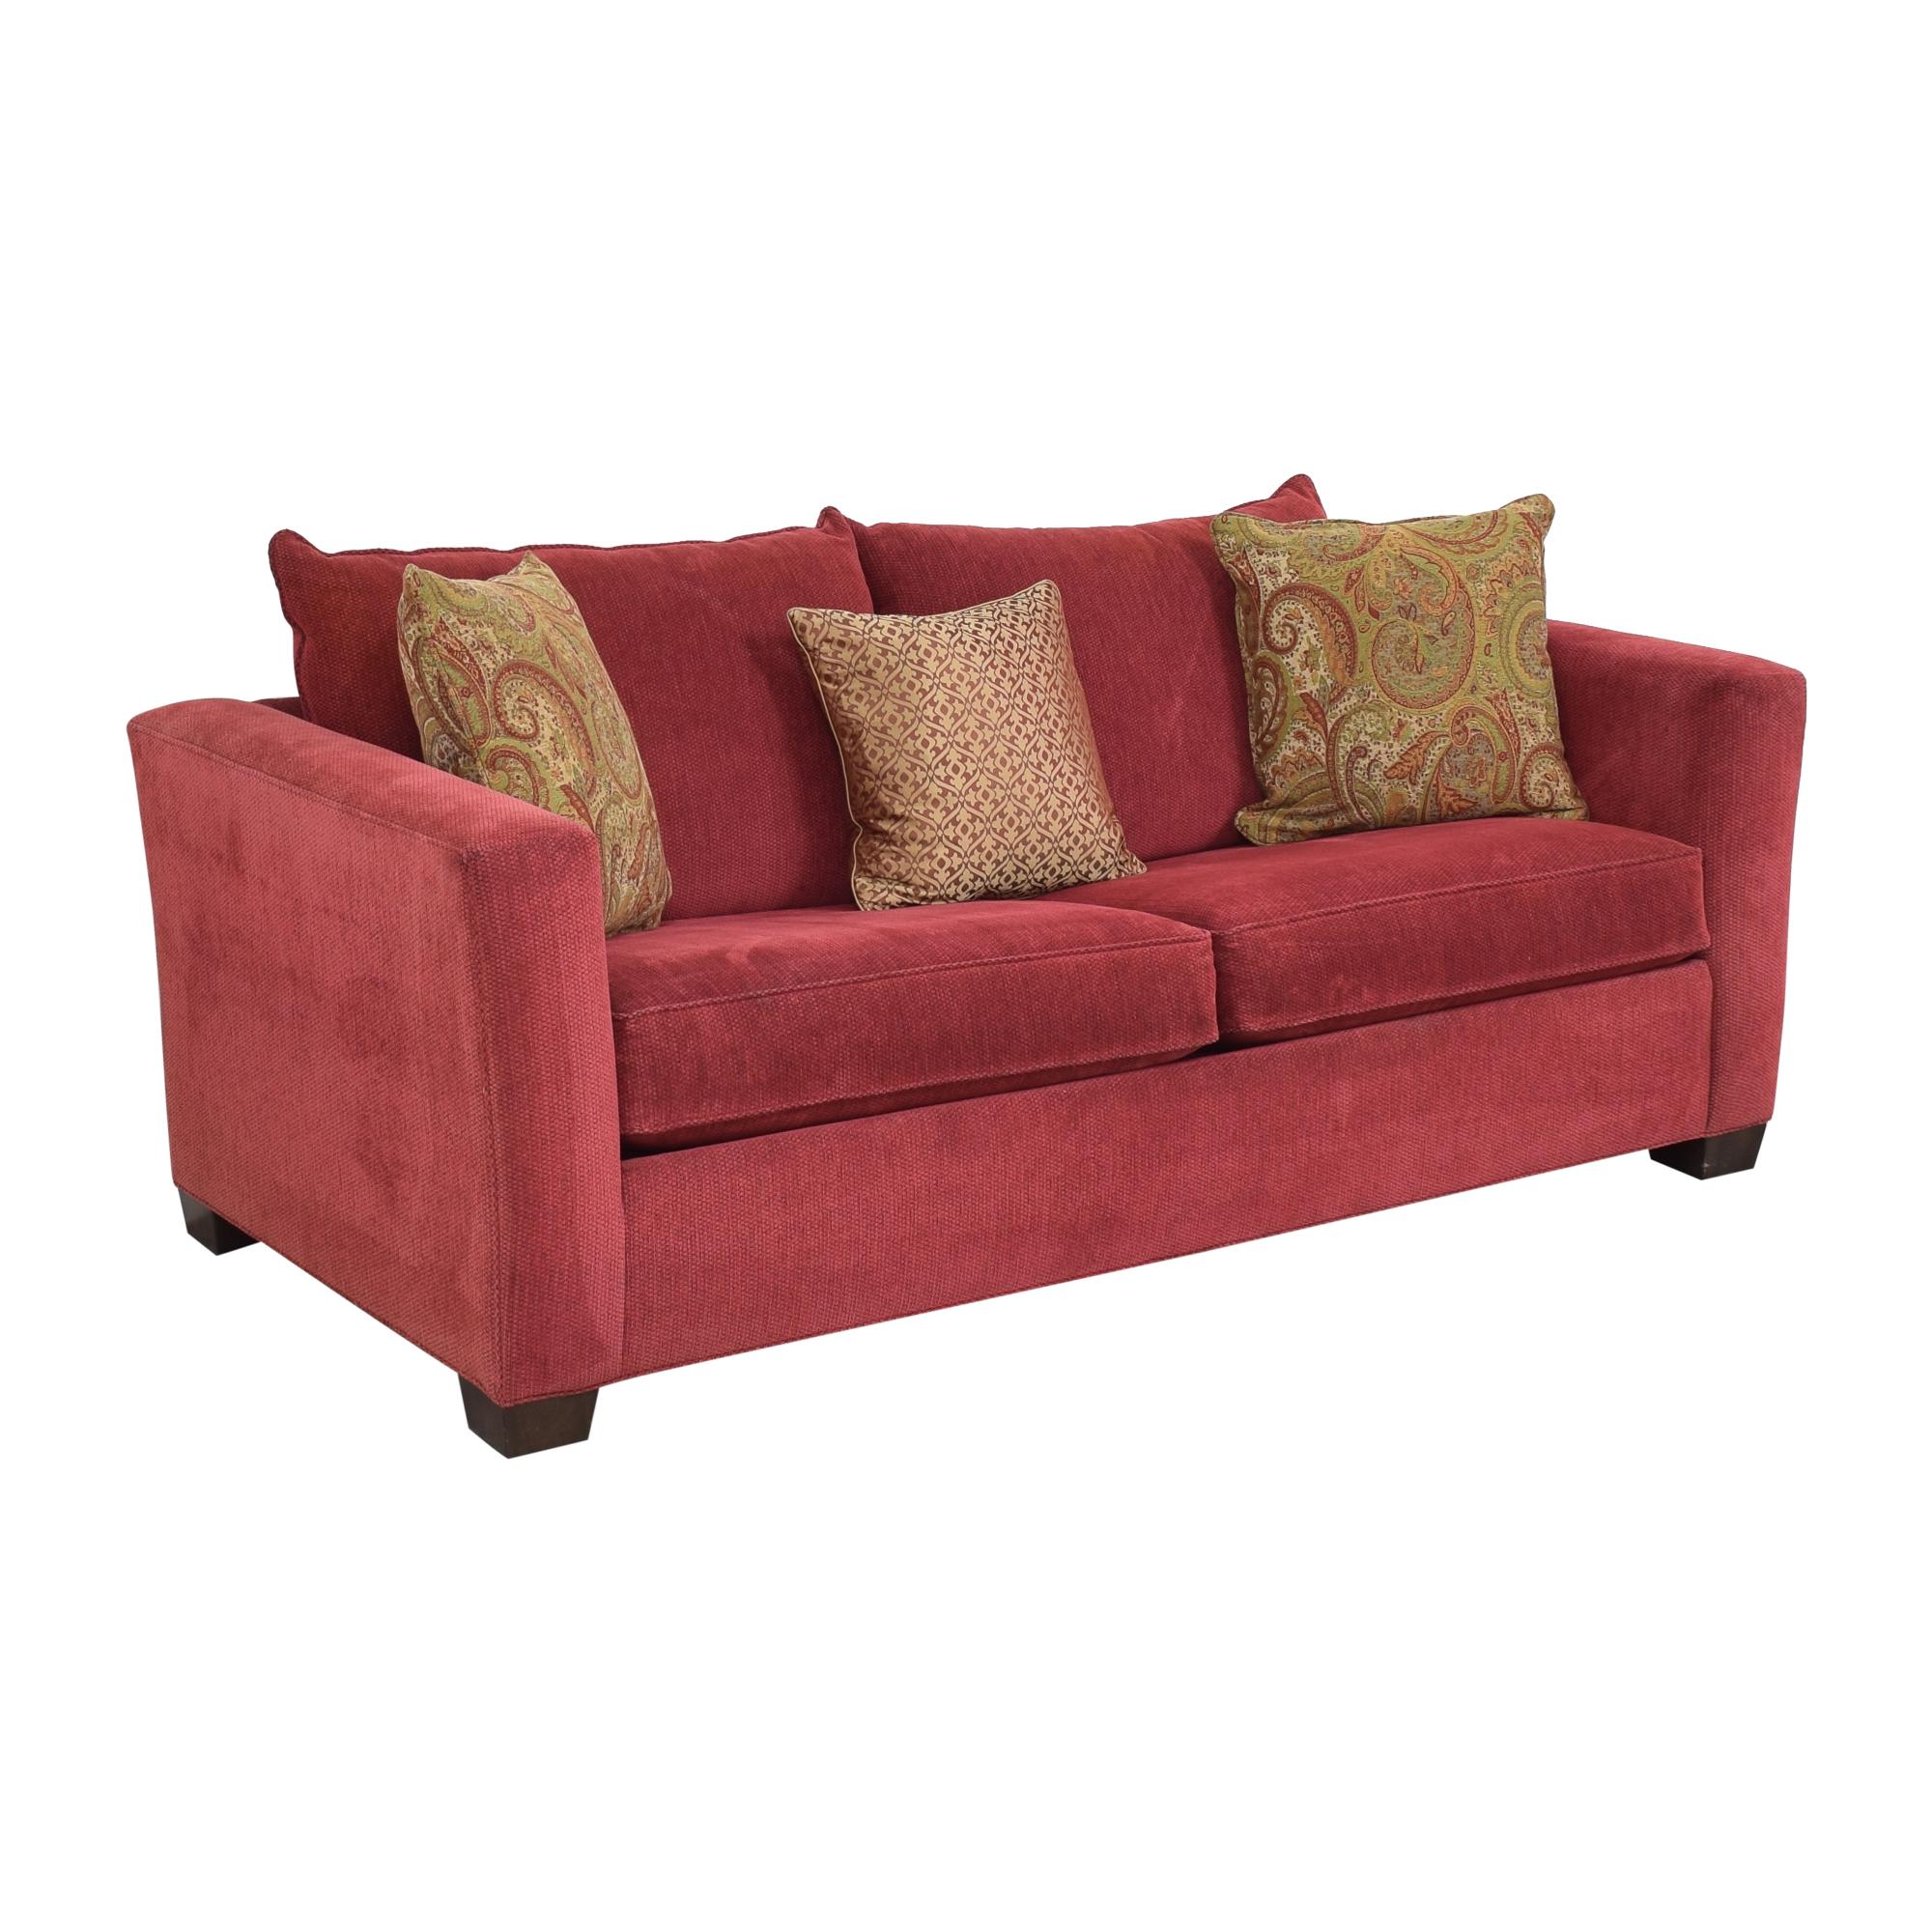 Ethan Allen Ethan Allen Hampton Queen Sleeper Sofa nj